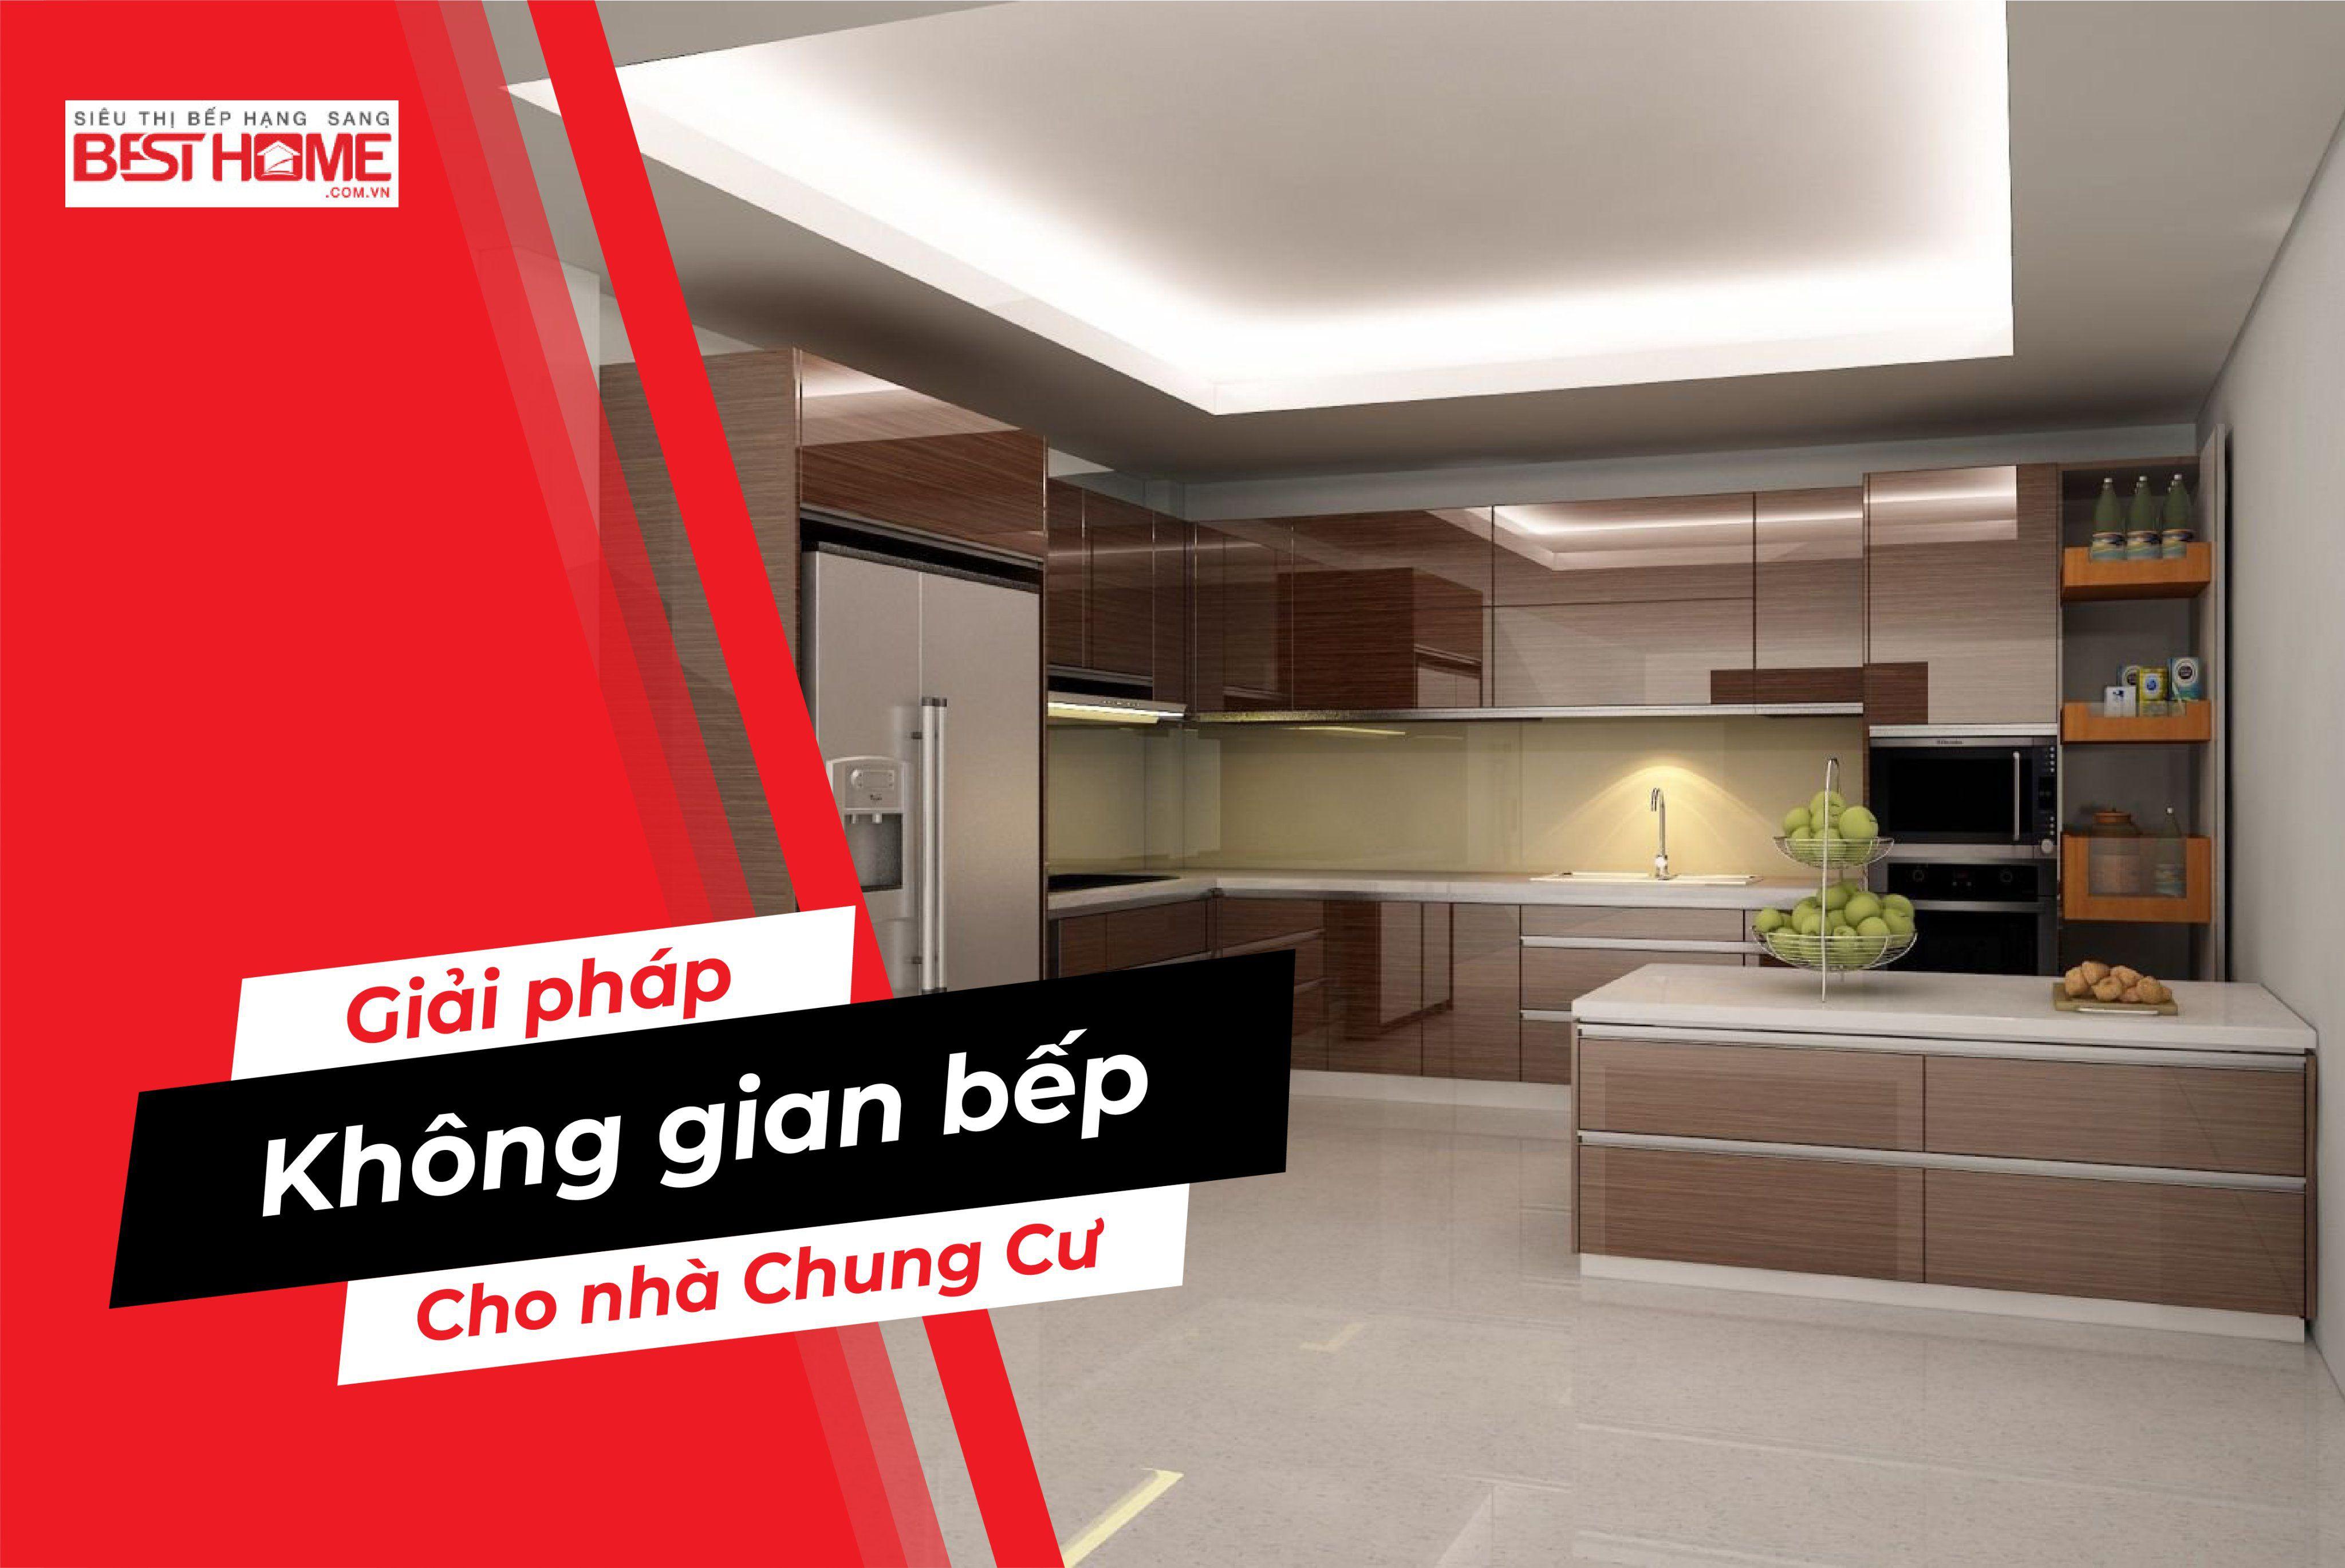 2 Siêu phẩm thiết kế nội thất chung cư thể hiện sự đẳng cấp với khoản đầu tư tiết kiệm không ngờ